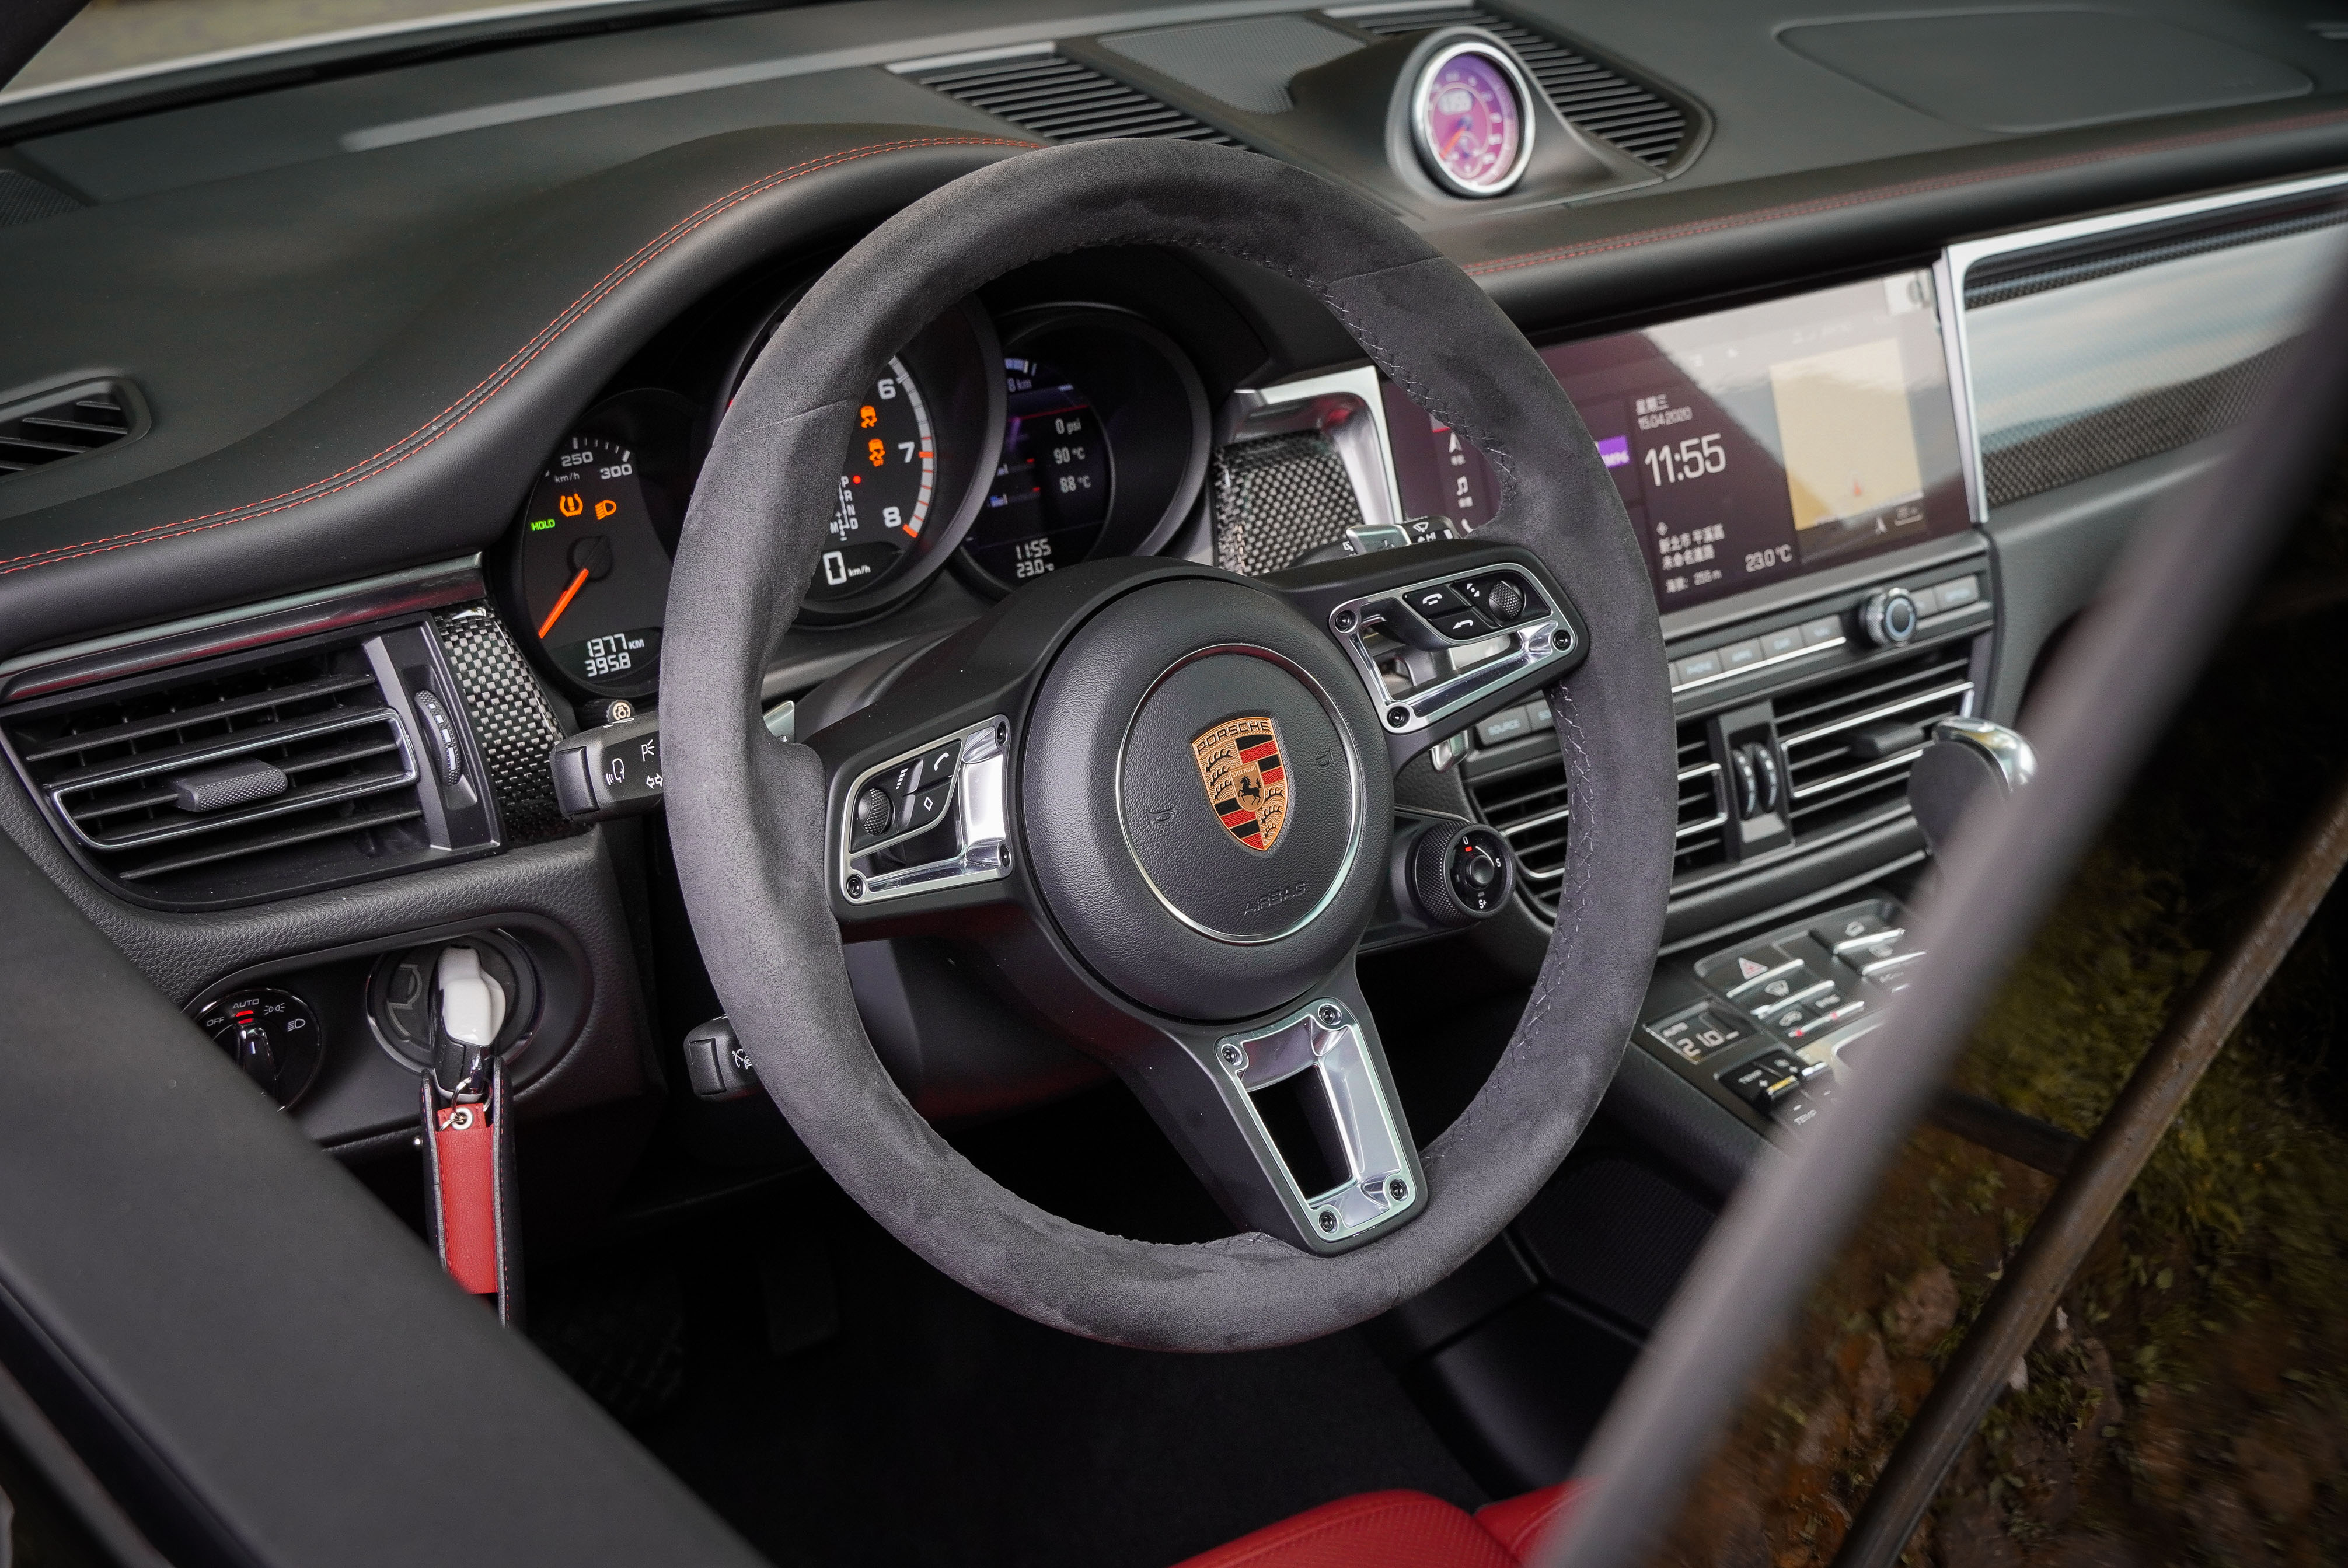 試駕車選配 Alcantara 麂皮包覆多功能 GT 跑車式方向盤,含電熱裝置。